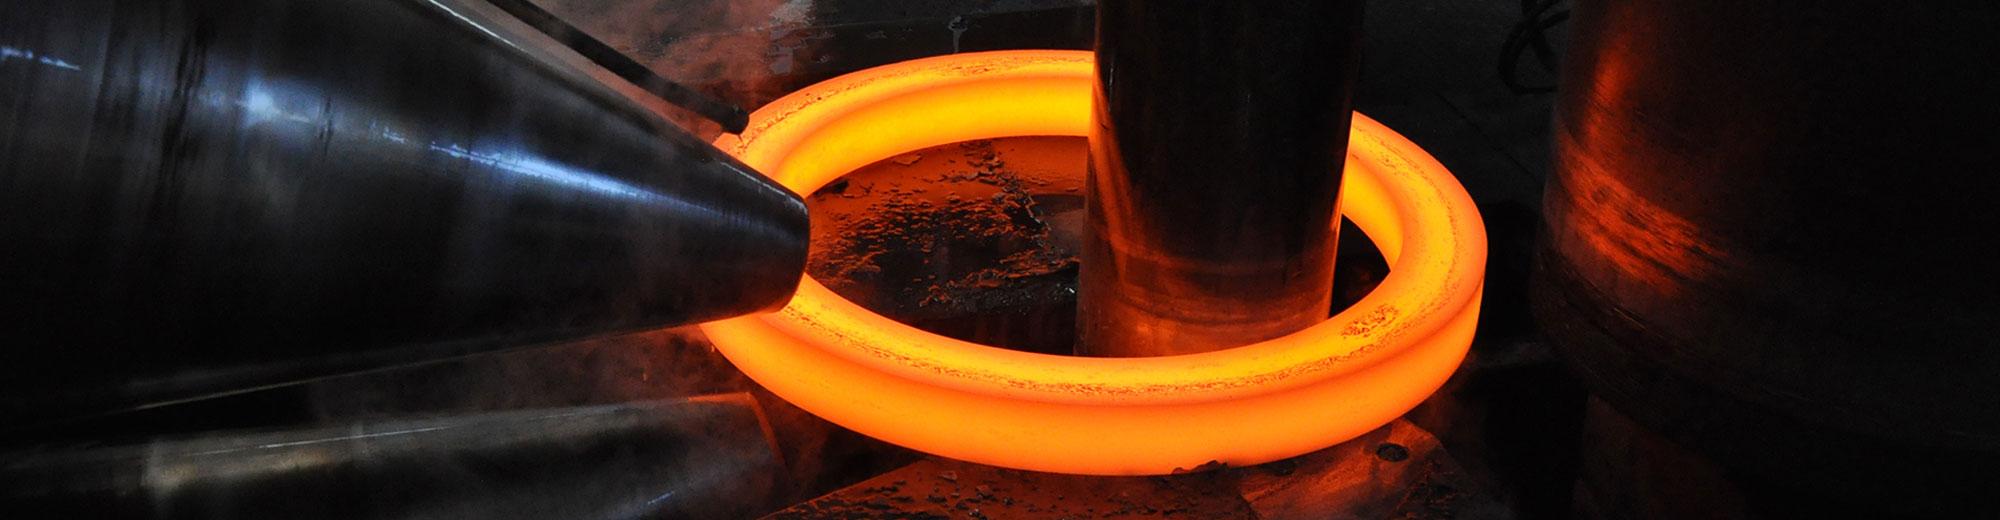 pipefitting-flanges-manufacturer